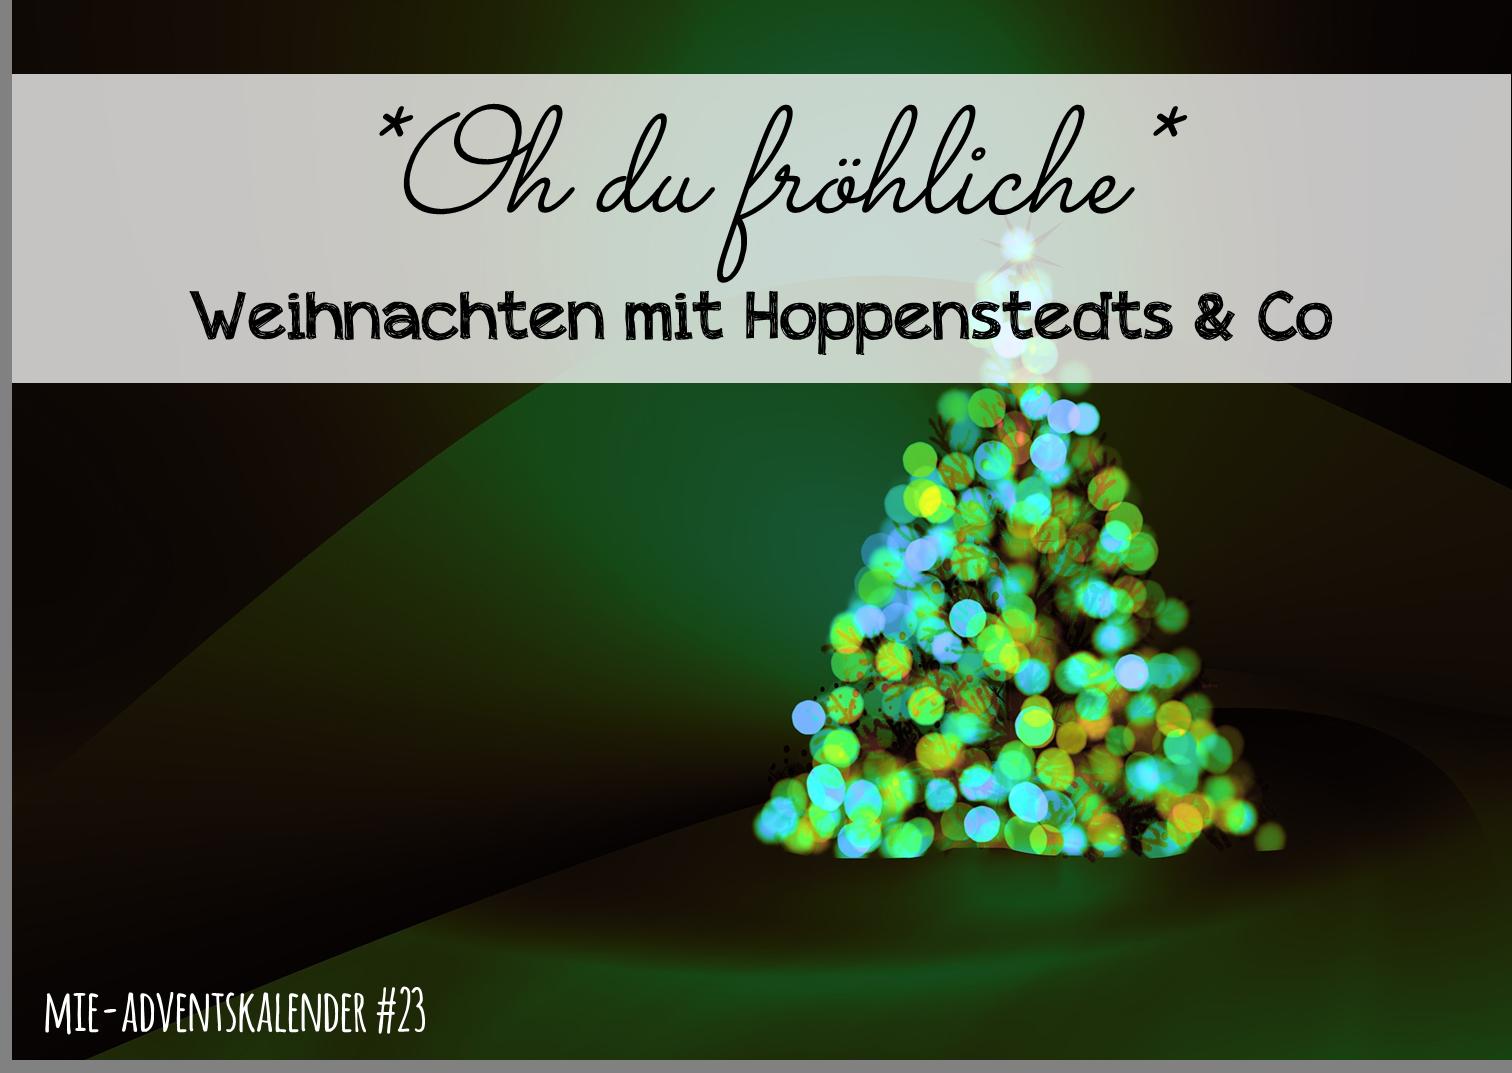 Weihnachten – Mama in Essen